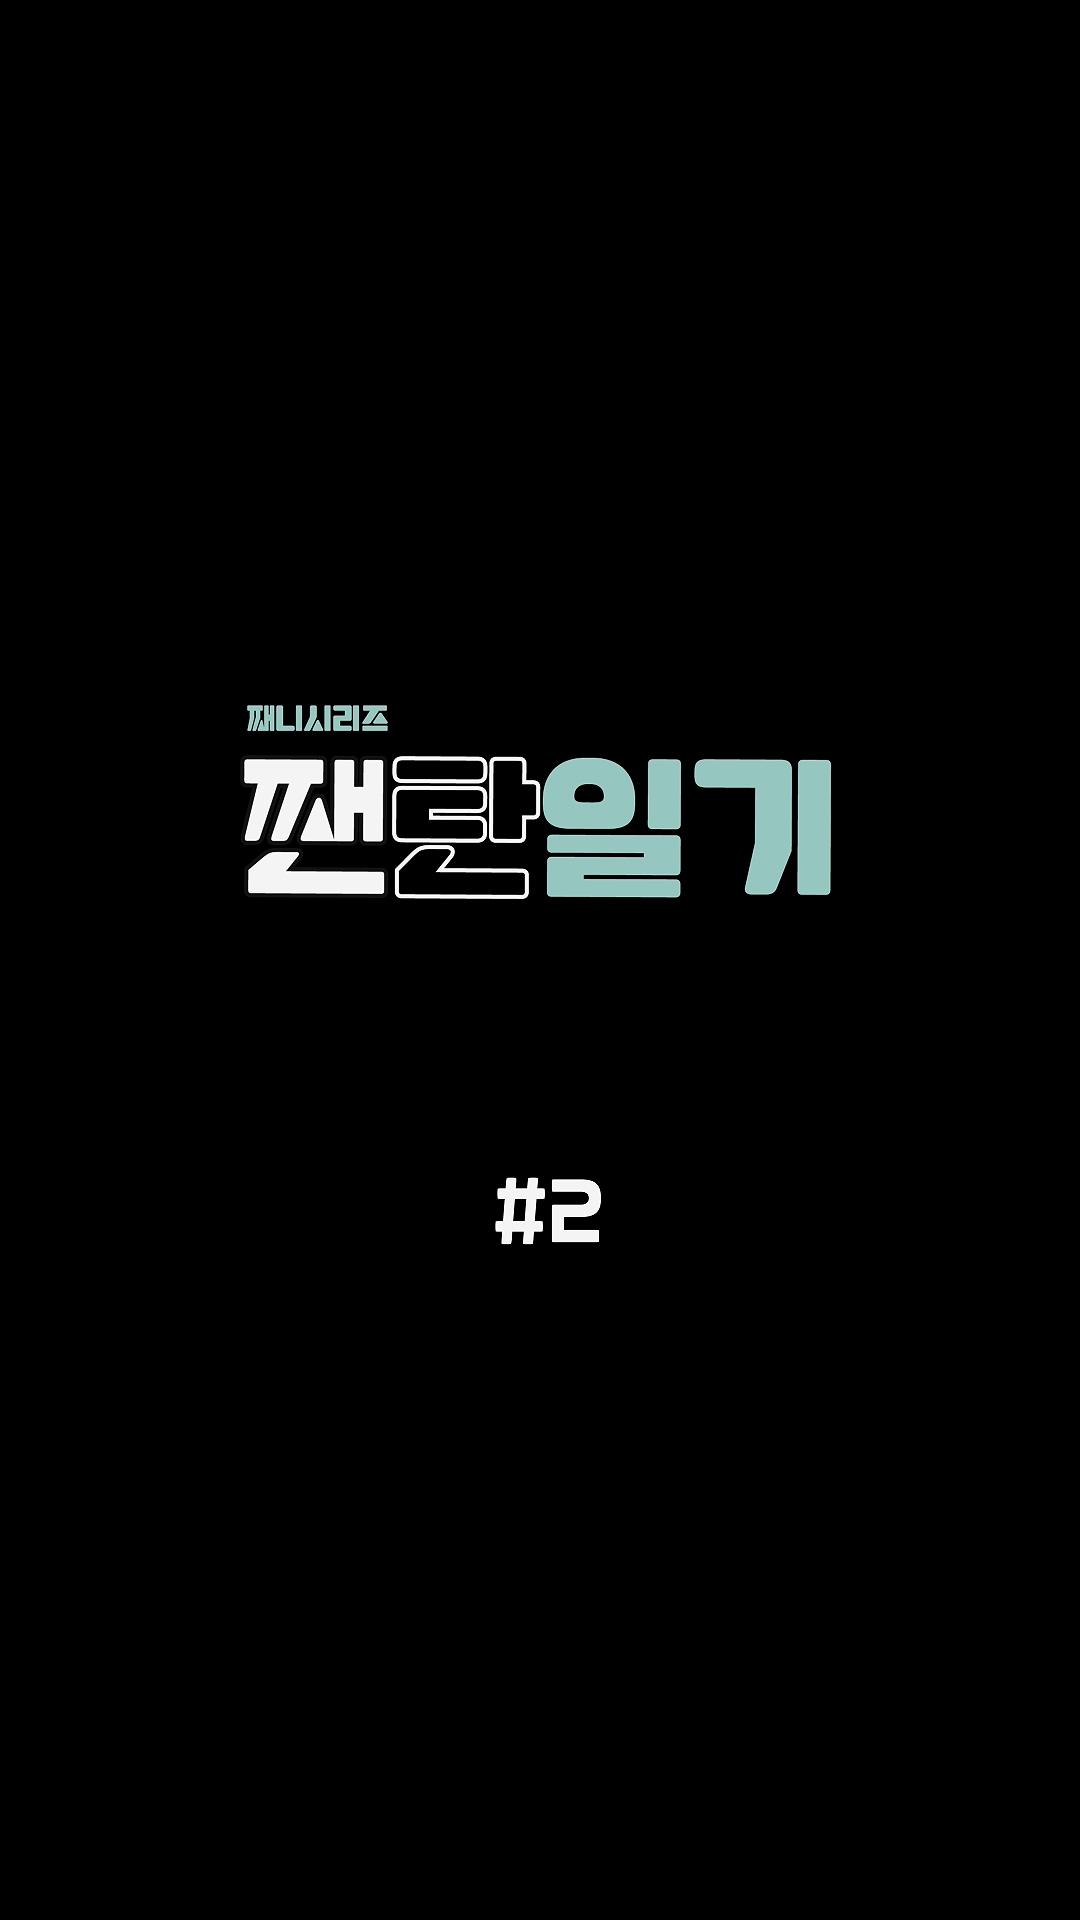 [🎬] 째니시리즈 짼탄일기 #2